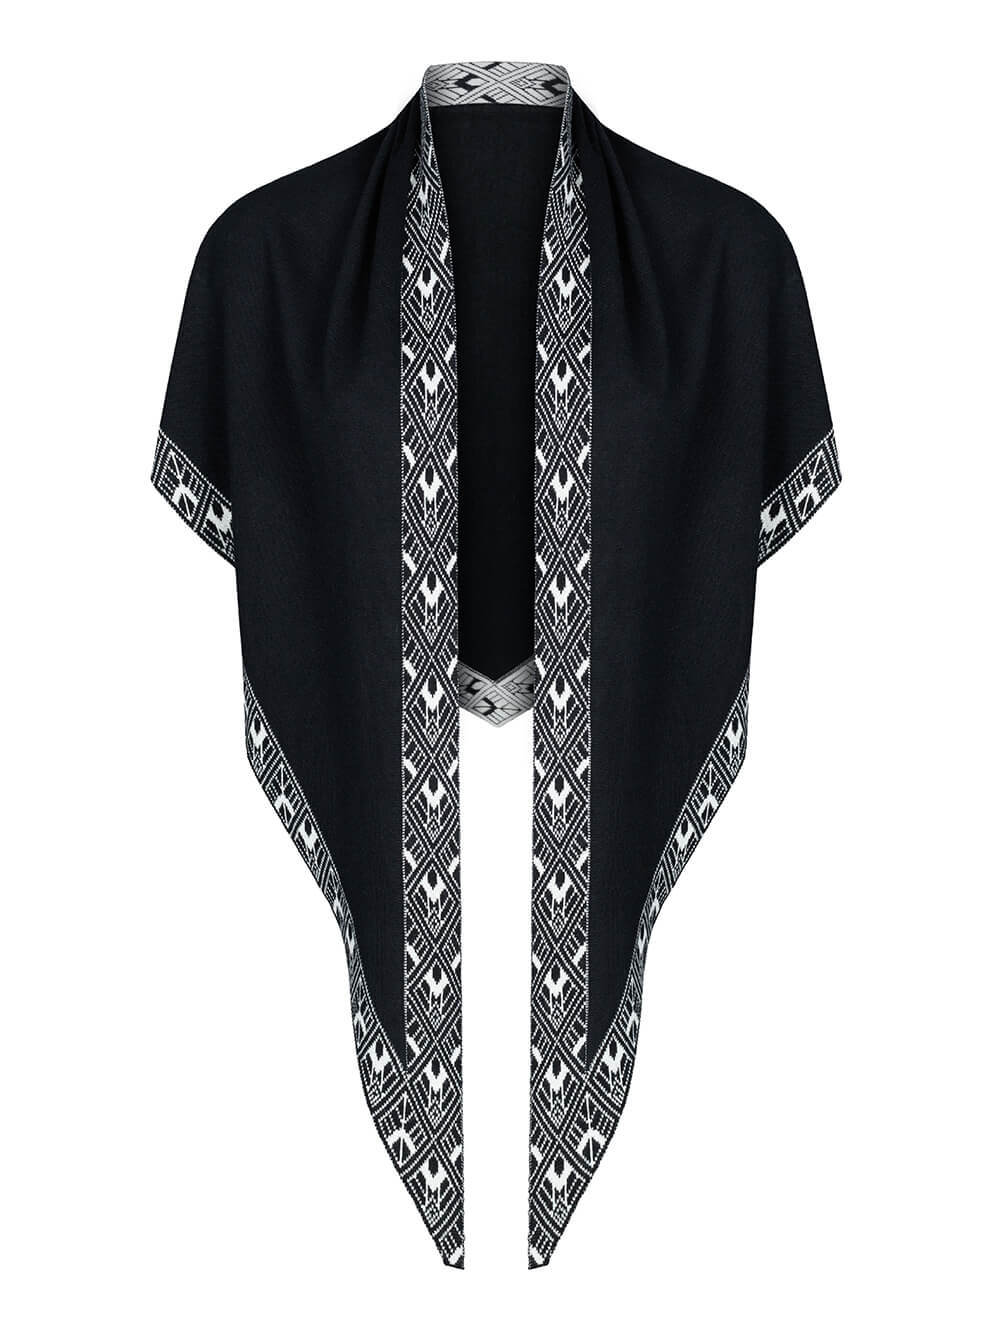 Женский платок черного цвета из шелка и кашемира - фото 1